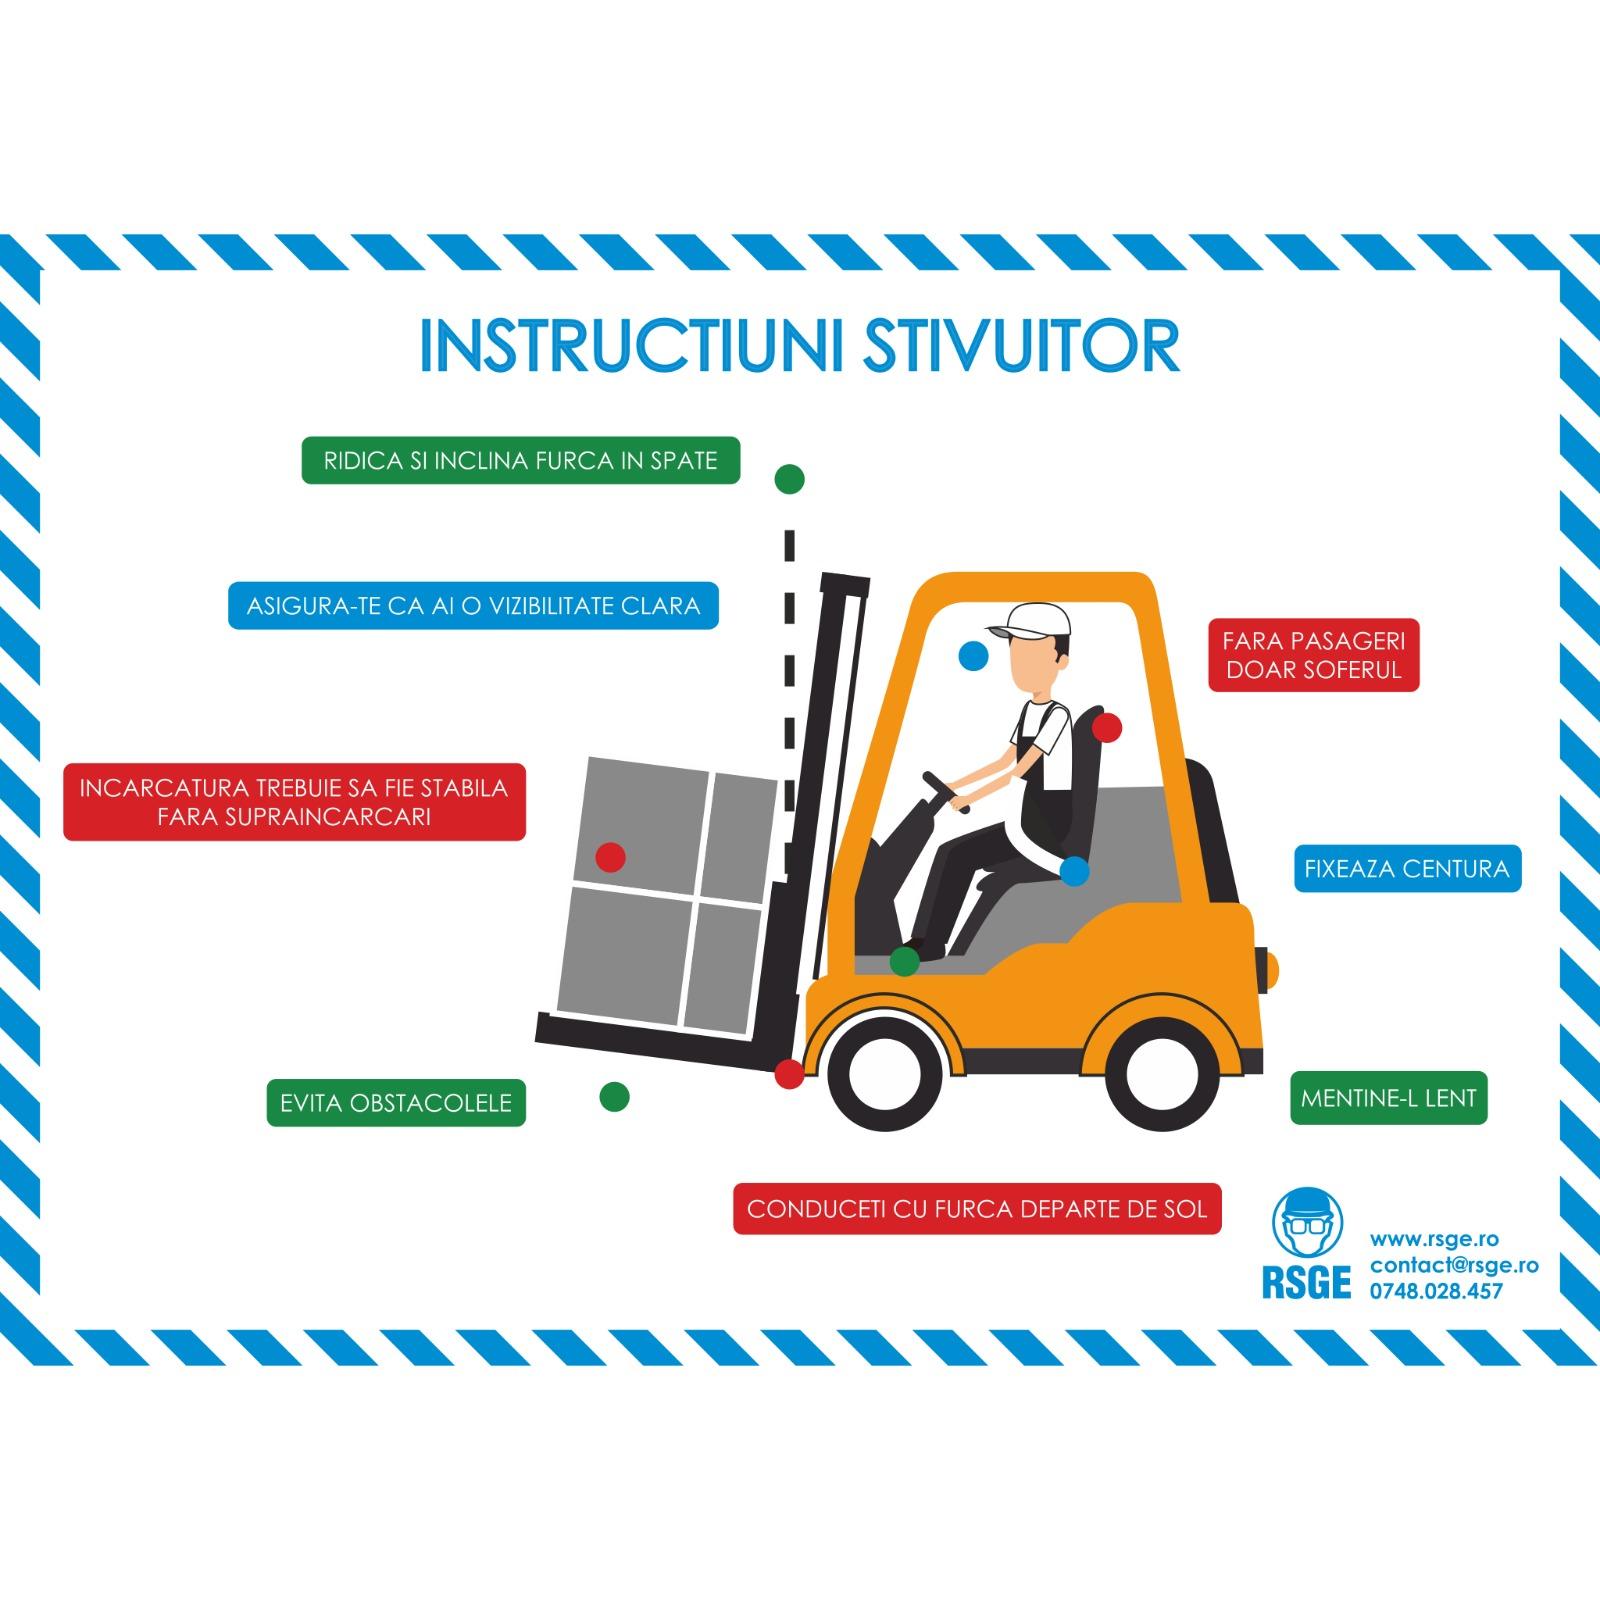 instructiuni stivuitor 1